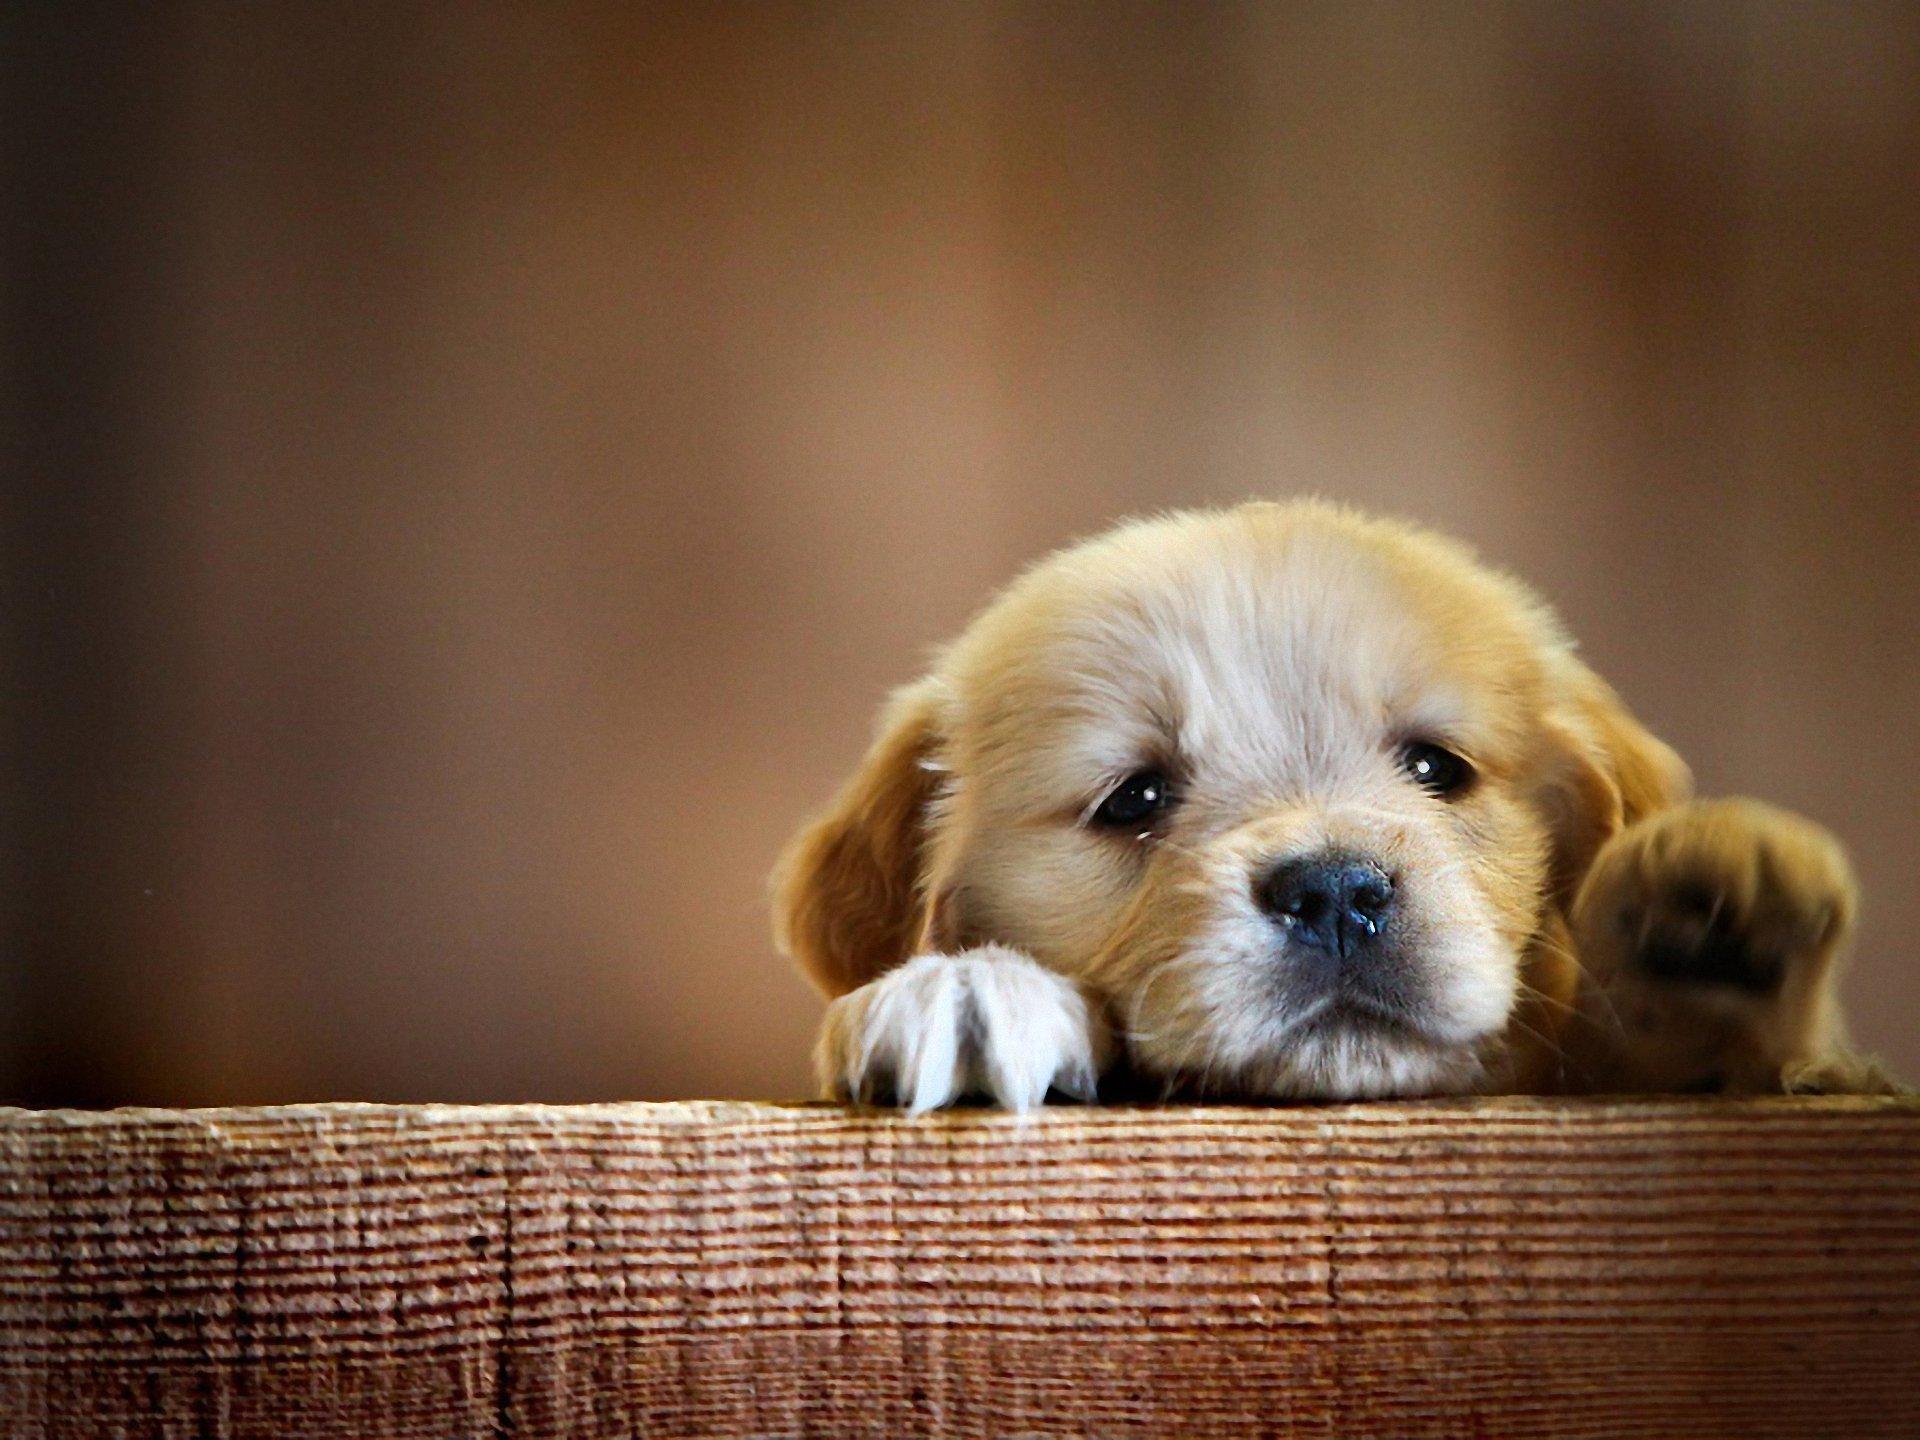 YorkipooYorkie PoodleYorkiepooPuppies for SaleIowa Lots of pictures of cute puppies